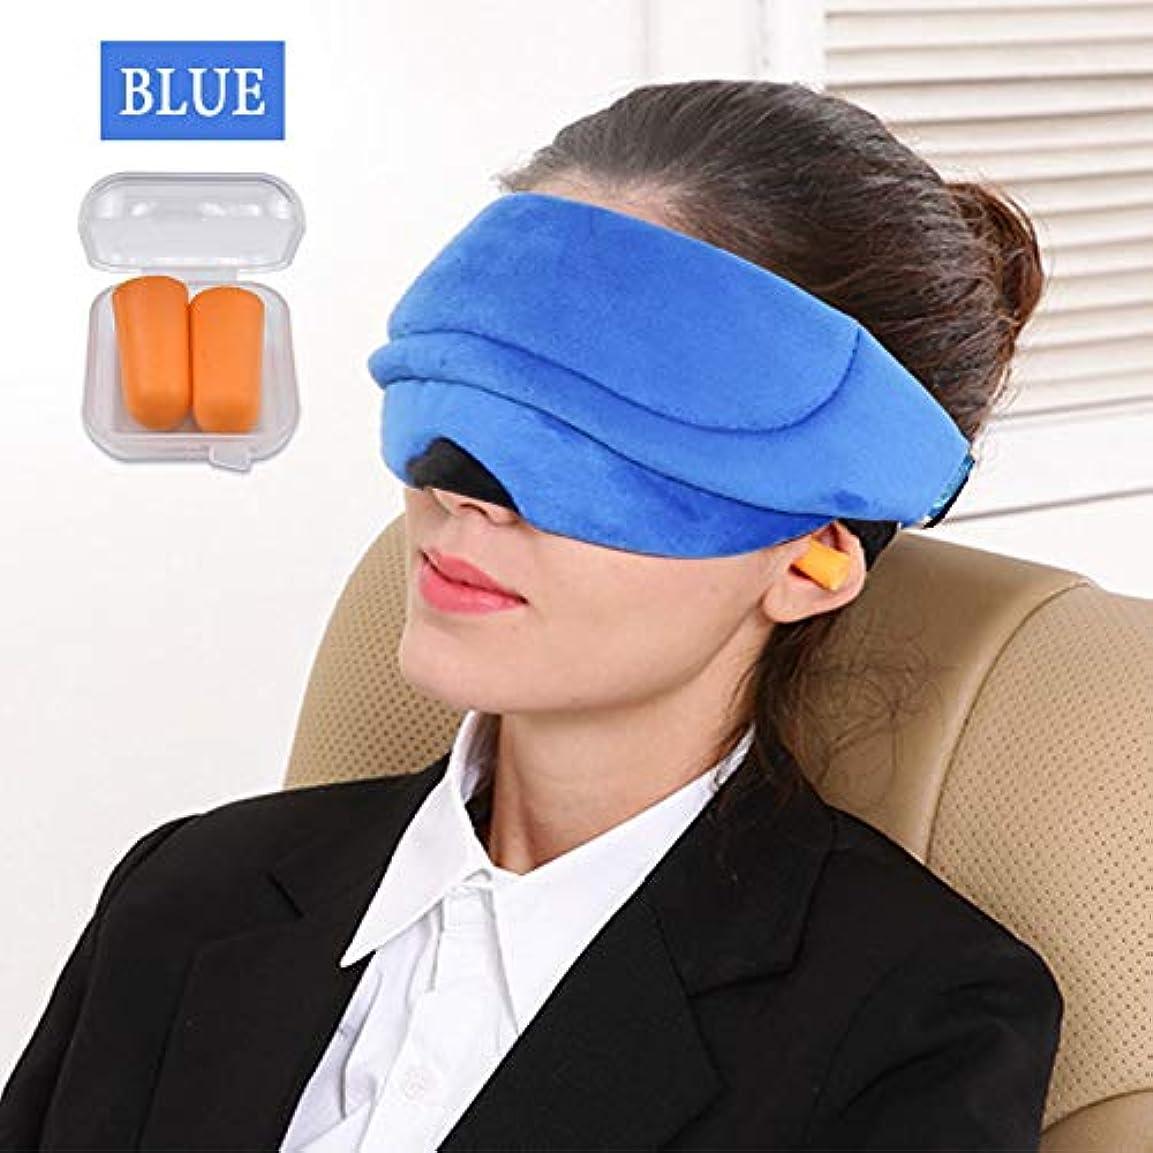 熟達公平手錠NOTE 3dナチュラルスリーピングアイマスク睡眠休息補助アイシェードソフト通気性アイパッチ包帯用夜間睡眠屋外旅行目隠し